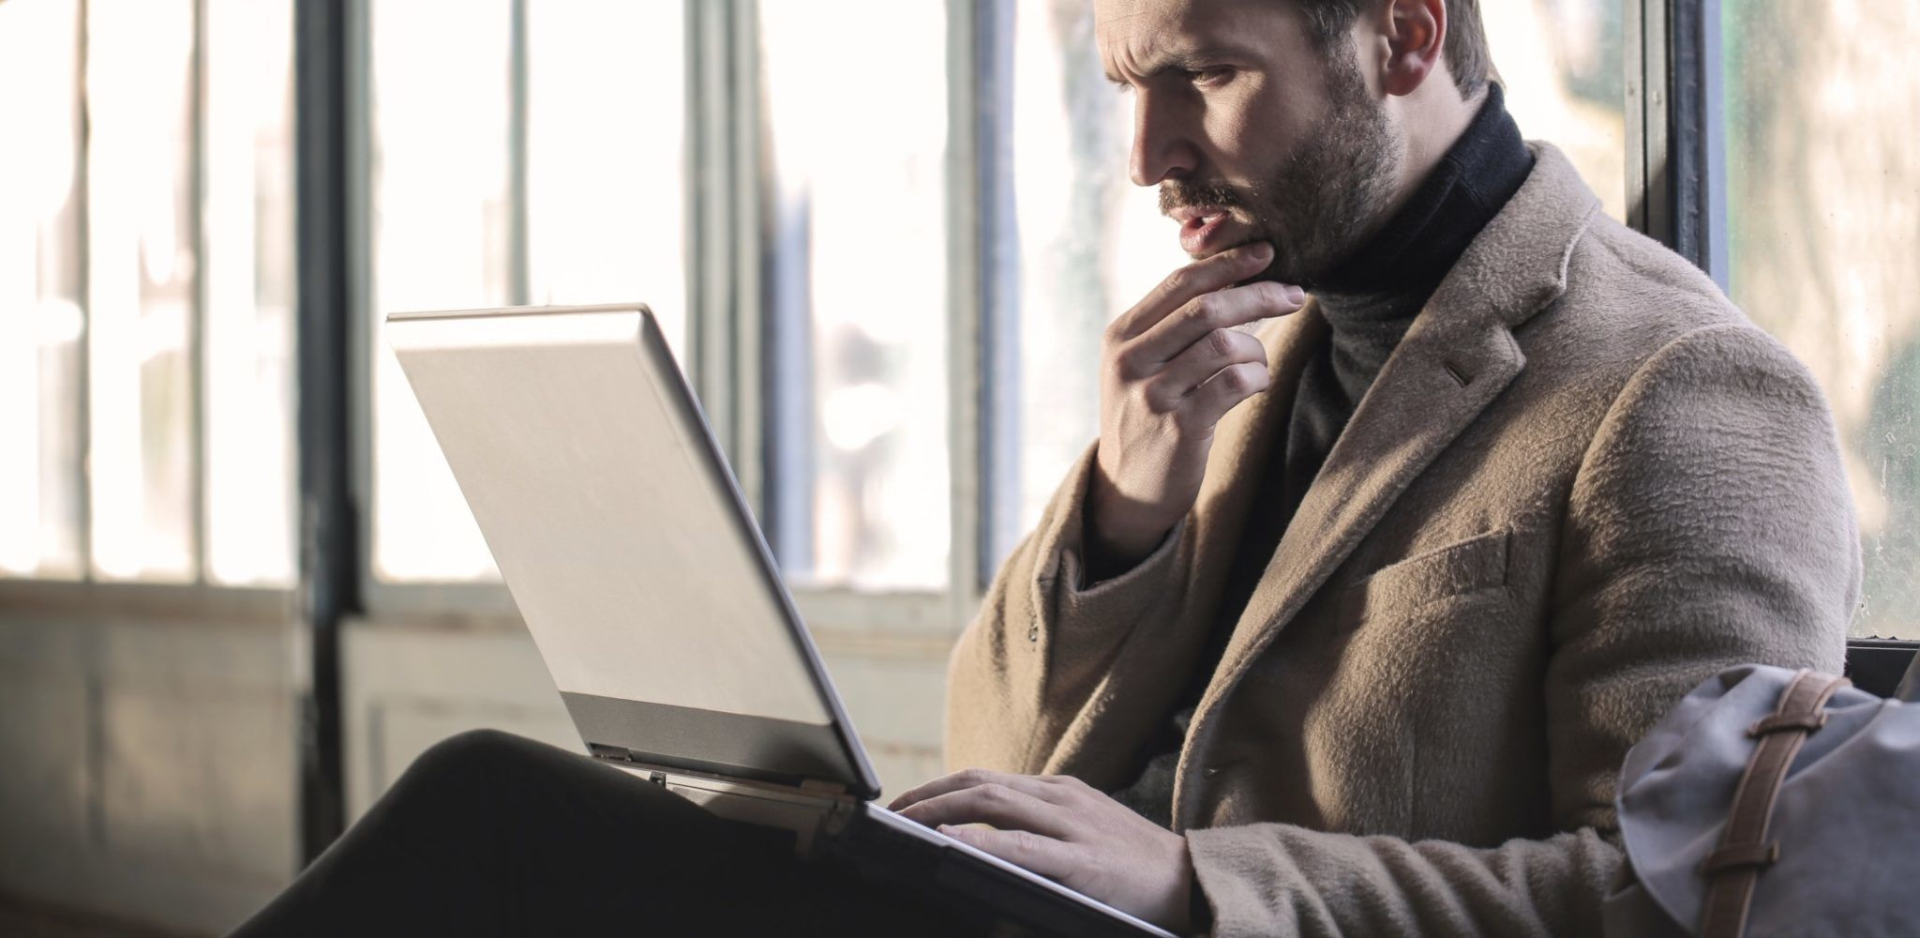 Een man kijkt naar het scherm van zijn laptop